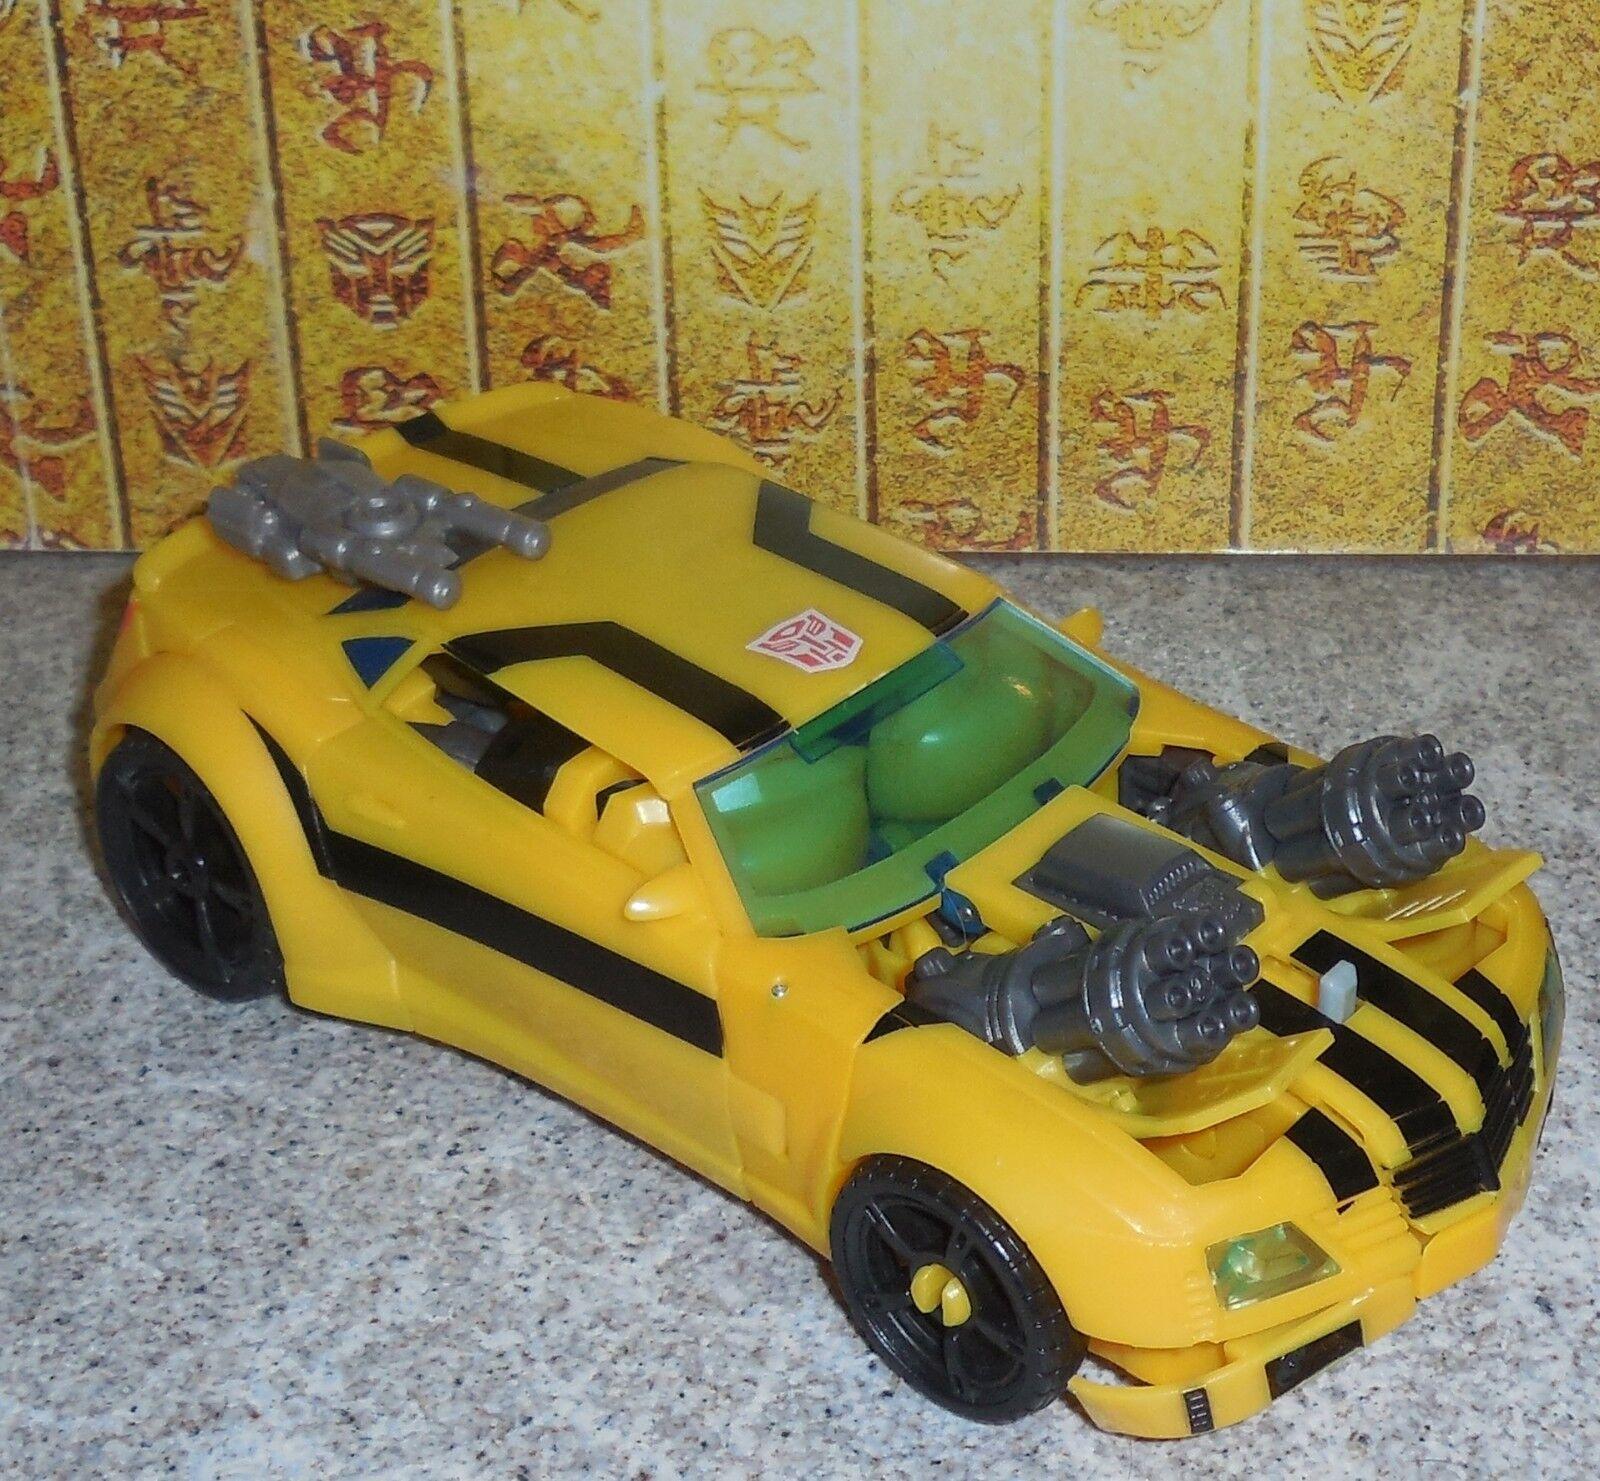 con 60% de descuento Transformers Prime Weaponizer Weaponizer Weaponizer Bumblebee Completo Líder  Envio gratis en todas las ordenes